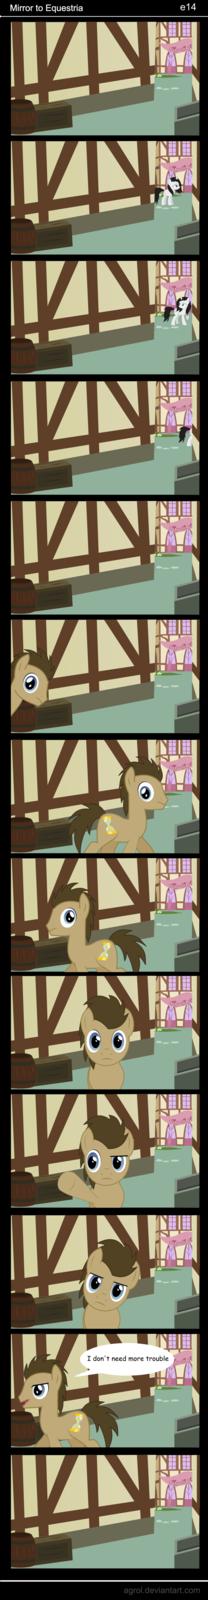 Mirror to Equestria 14